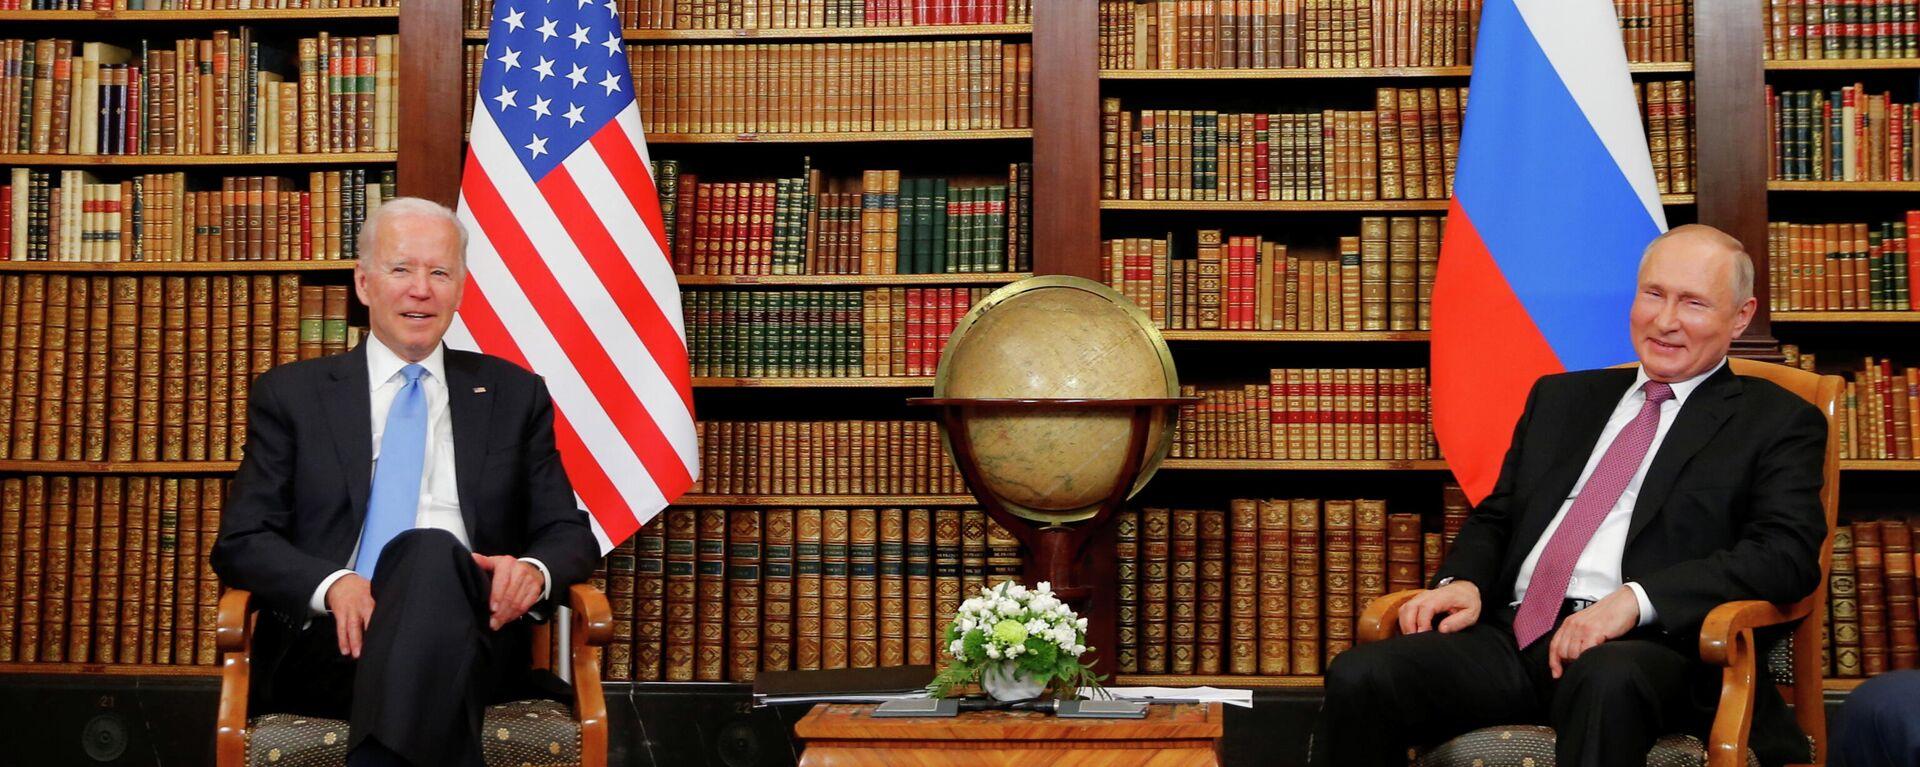 El presidente estadounidense, Joe Biden, y el presidente de Rusia, Vladímir Putin - Sputnik Mundo, 1920, 17.06.2021